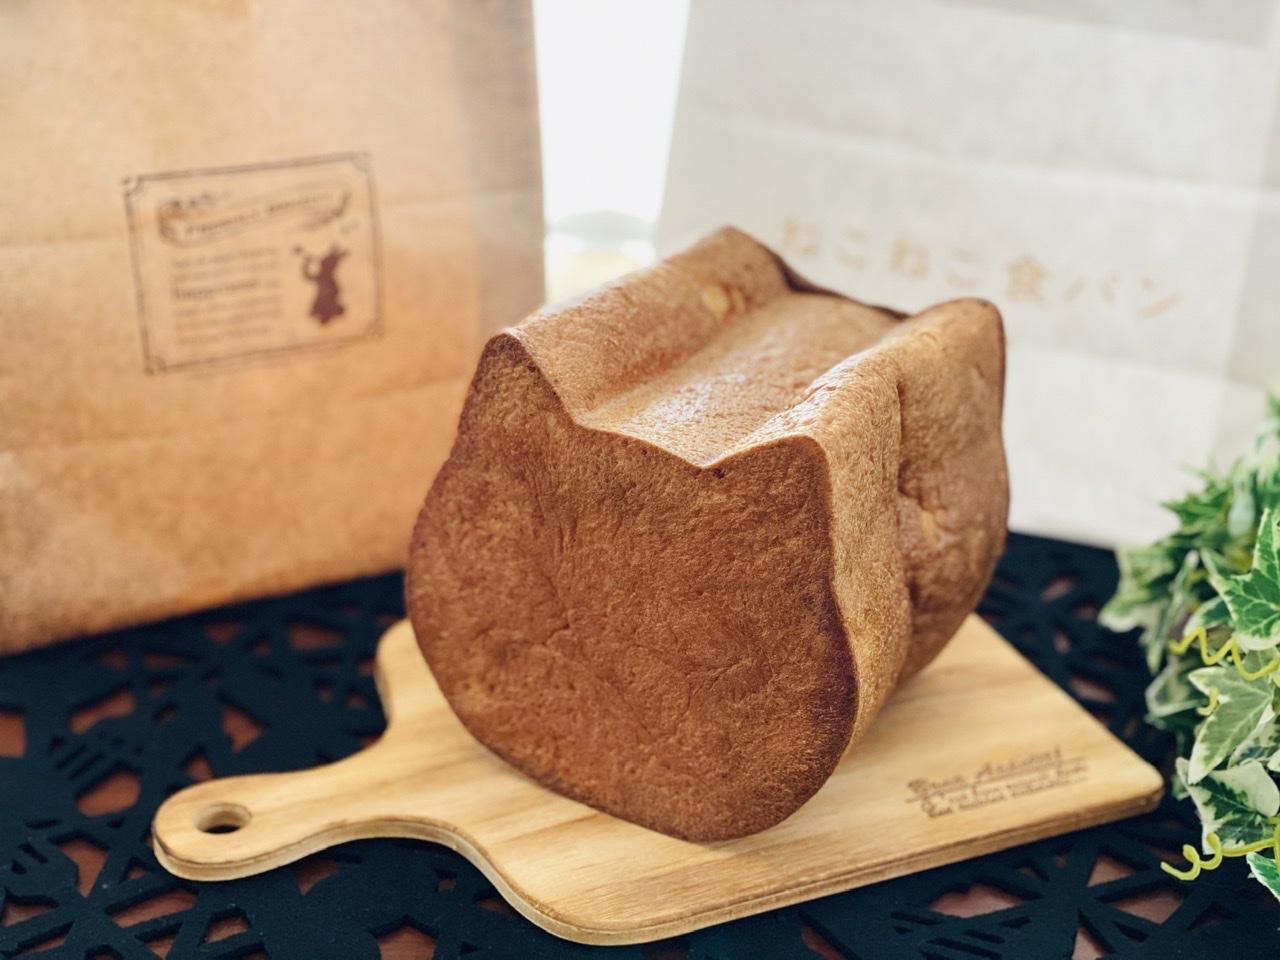 【オンライン販売開始!】可愛さ満点で売切れ続出!念願の《ねこねこ食パン》をGET♡_2